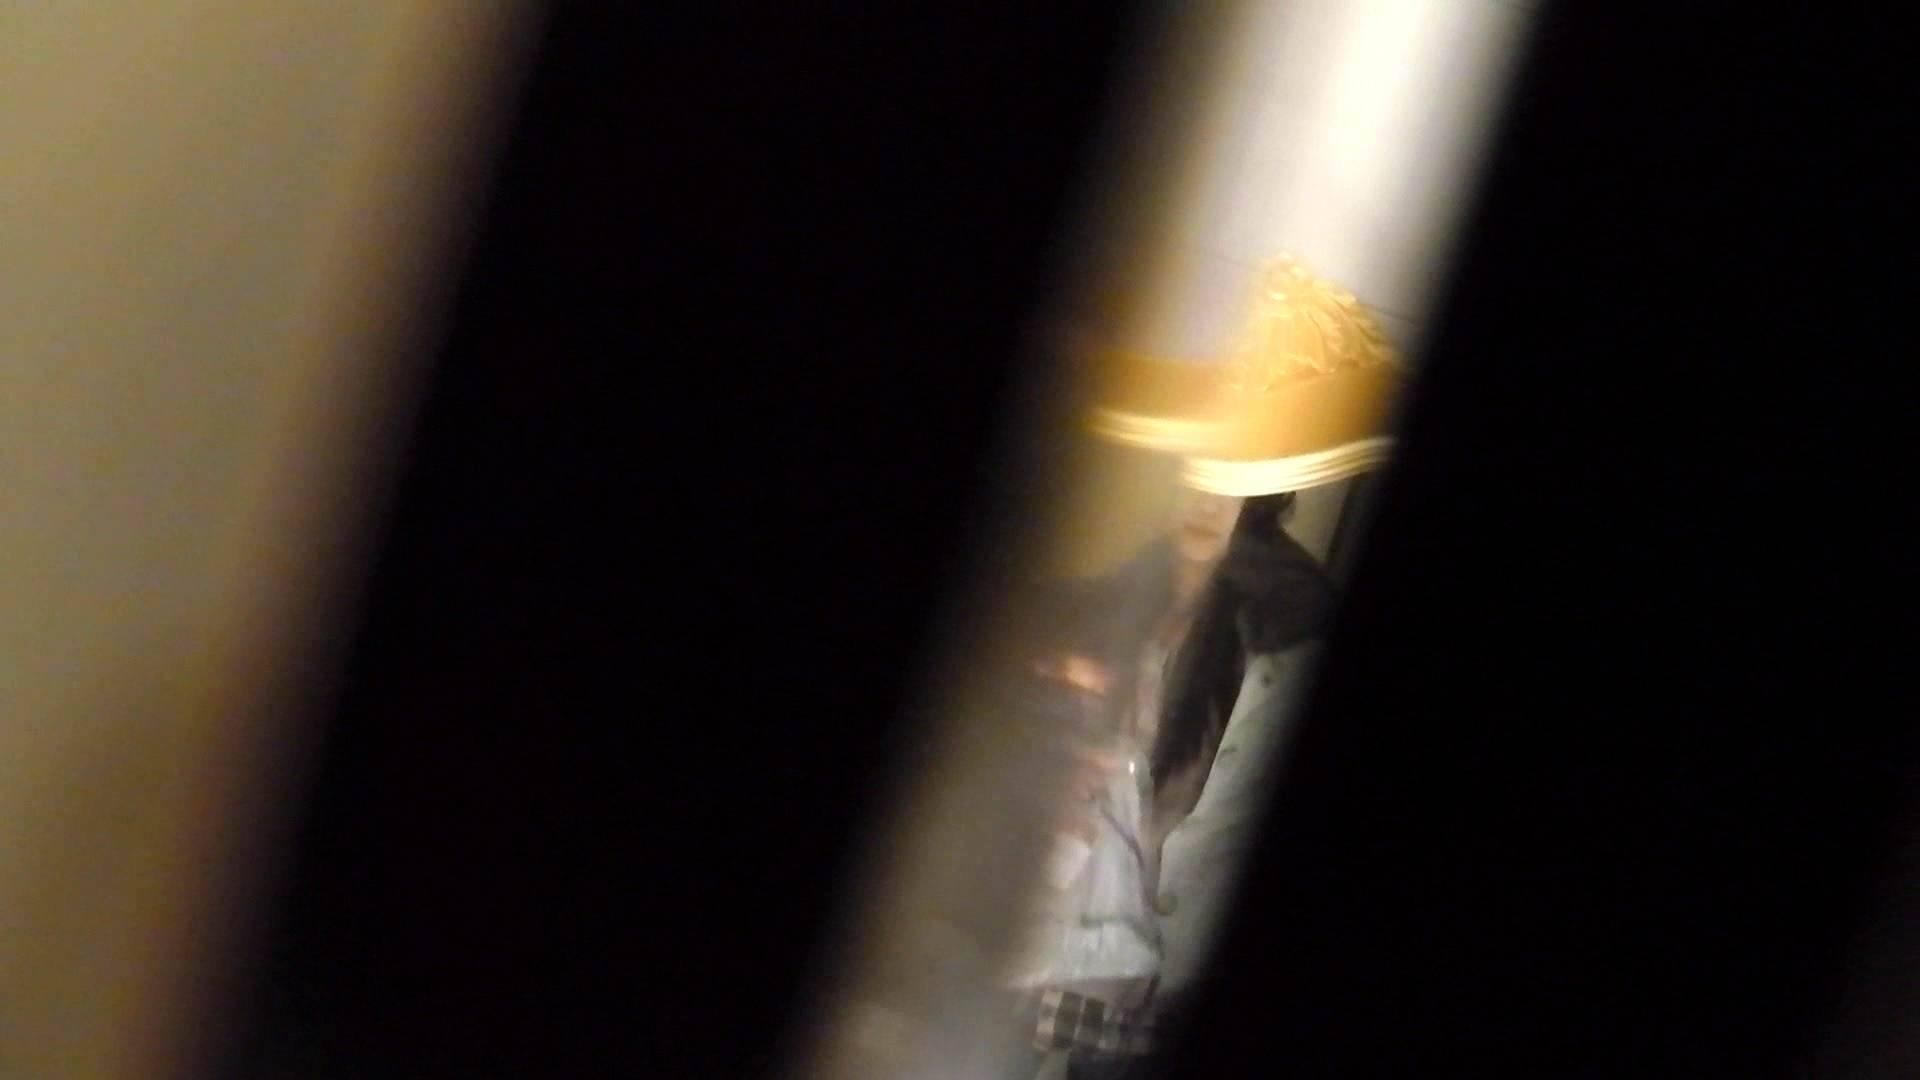 洗寿観音さんの 化粧室は四面楚歌Nol.6 丸見え セックス画像 96枚 68